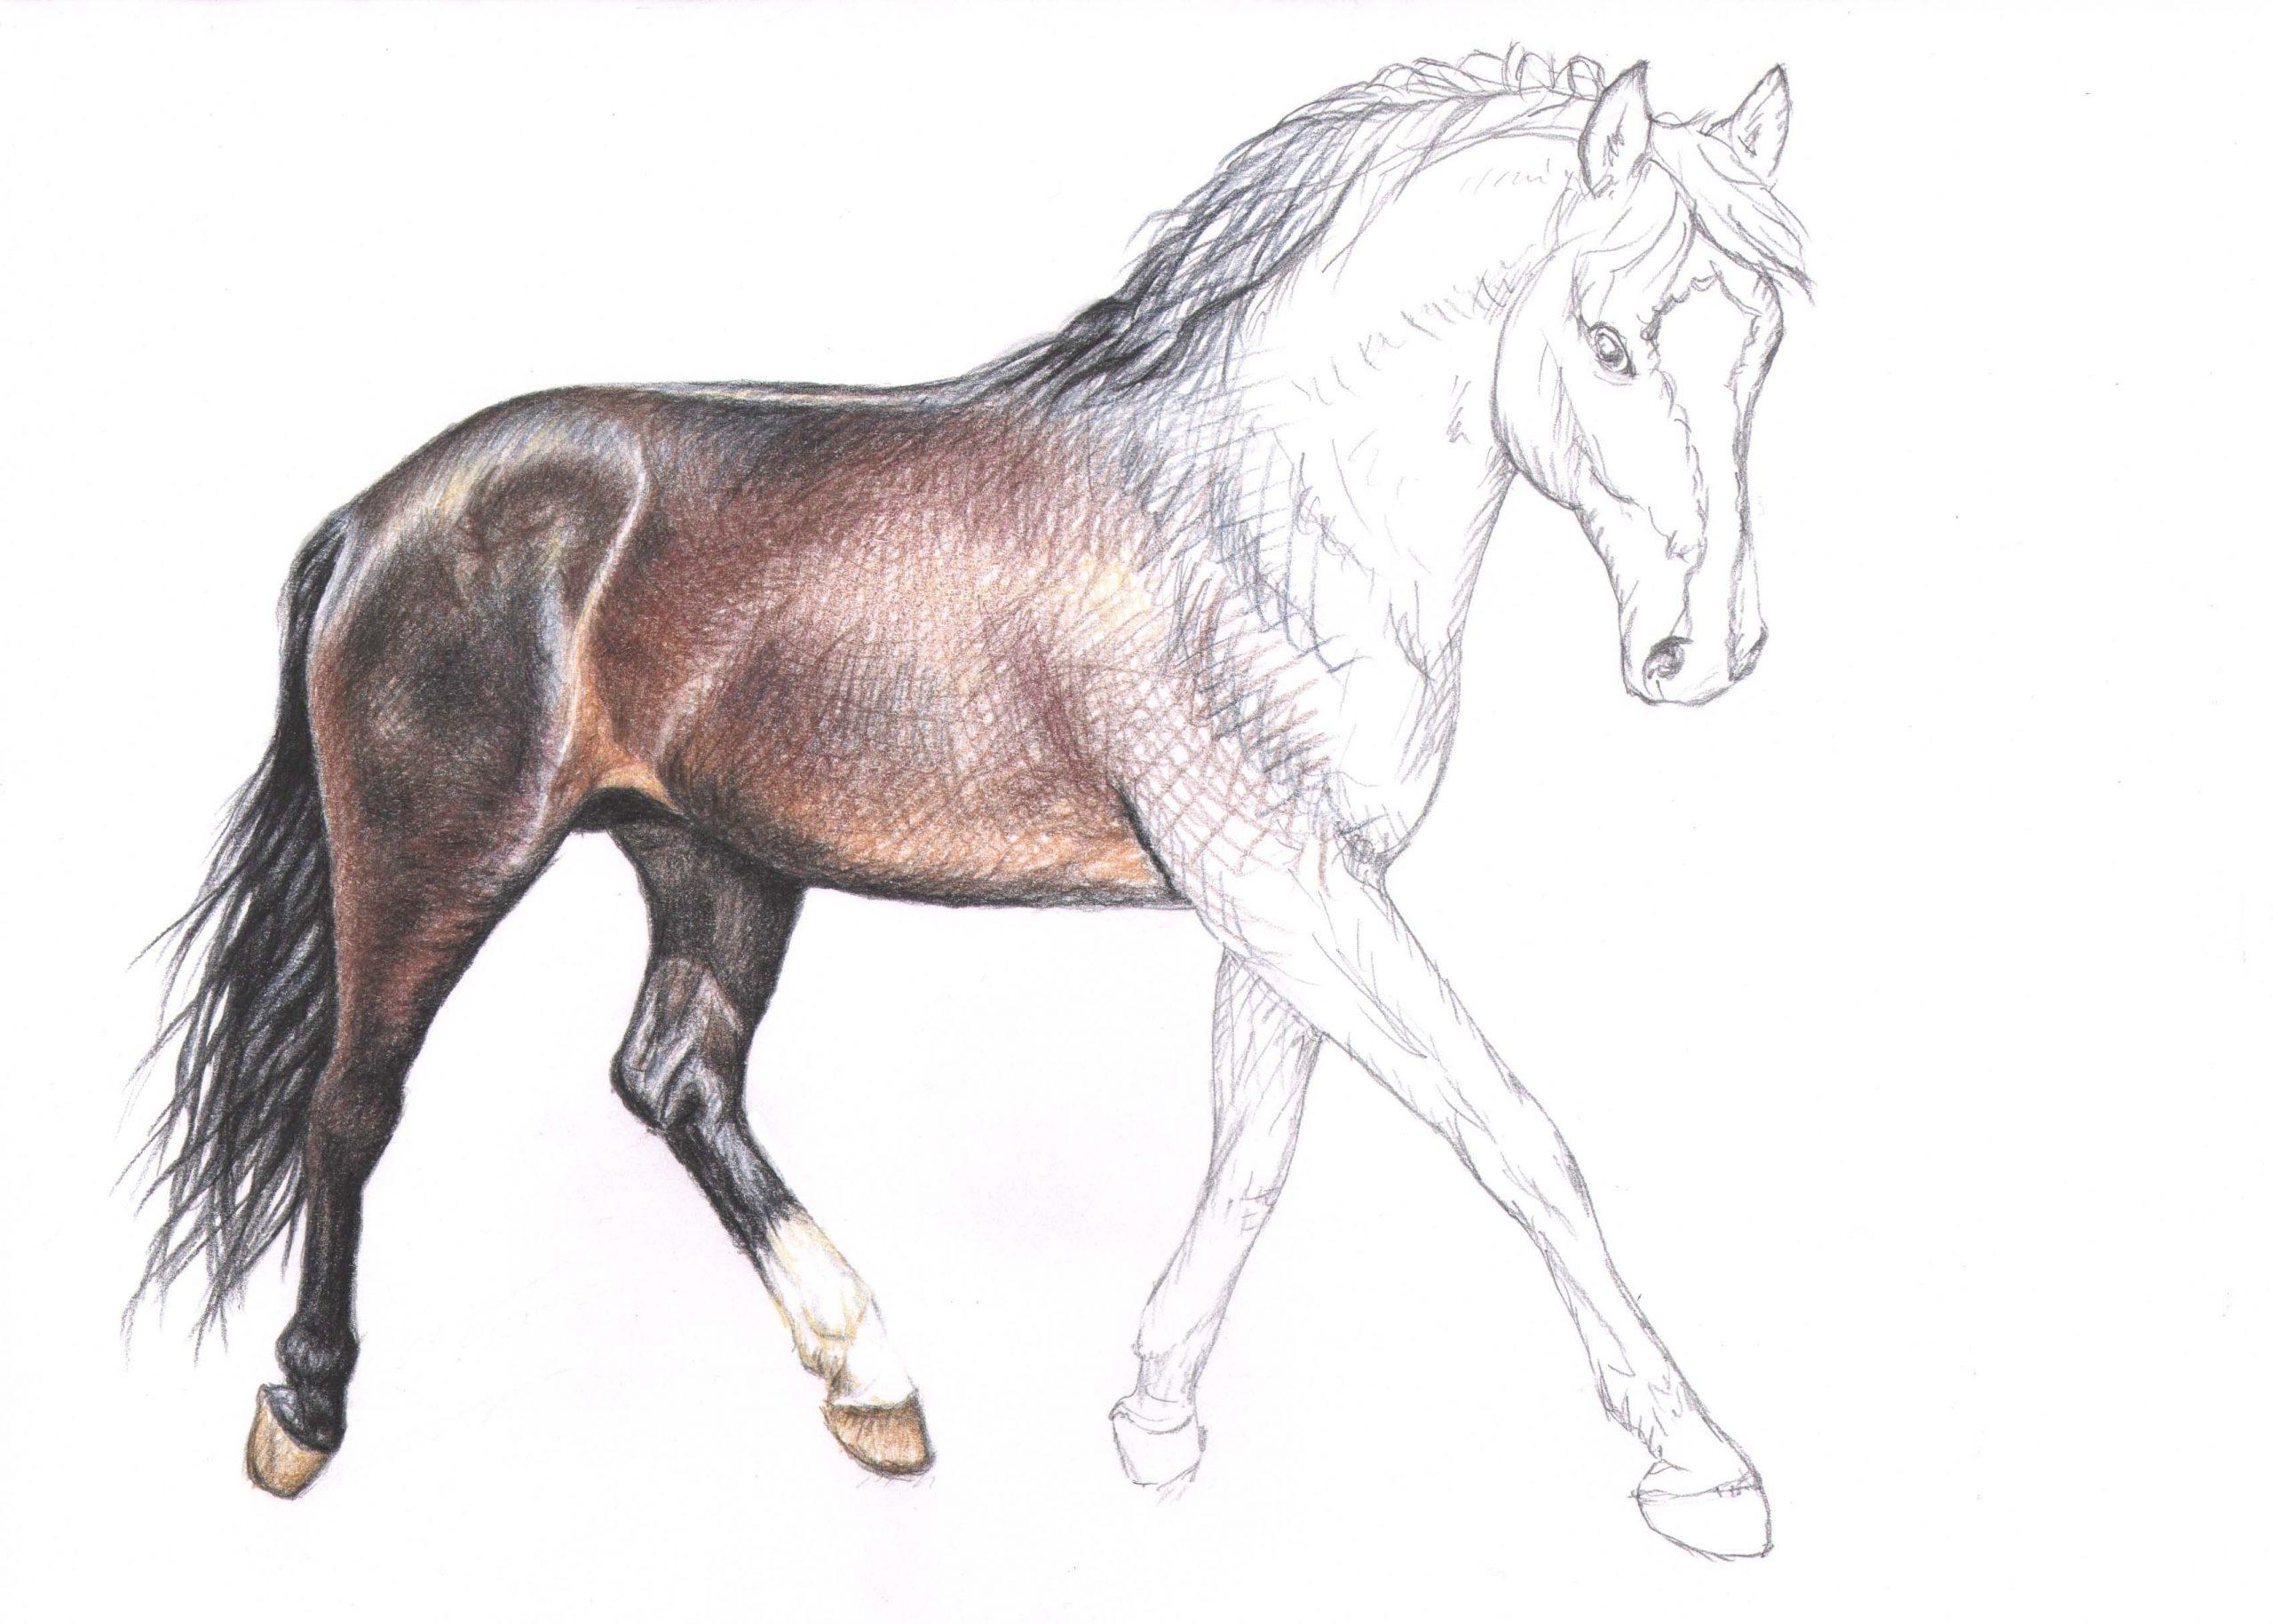 Pin Von Kendall Berry Auf Diy, Crafts, And Art   Pferde in Pferde Zeichnen Lernen